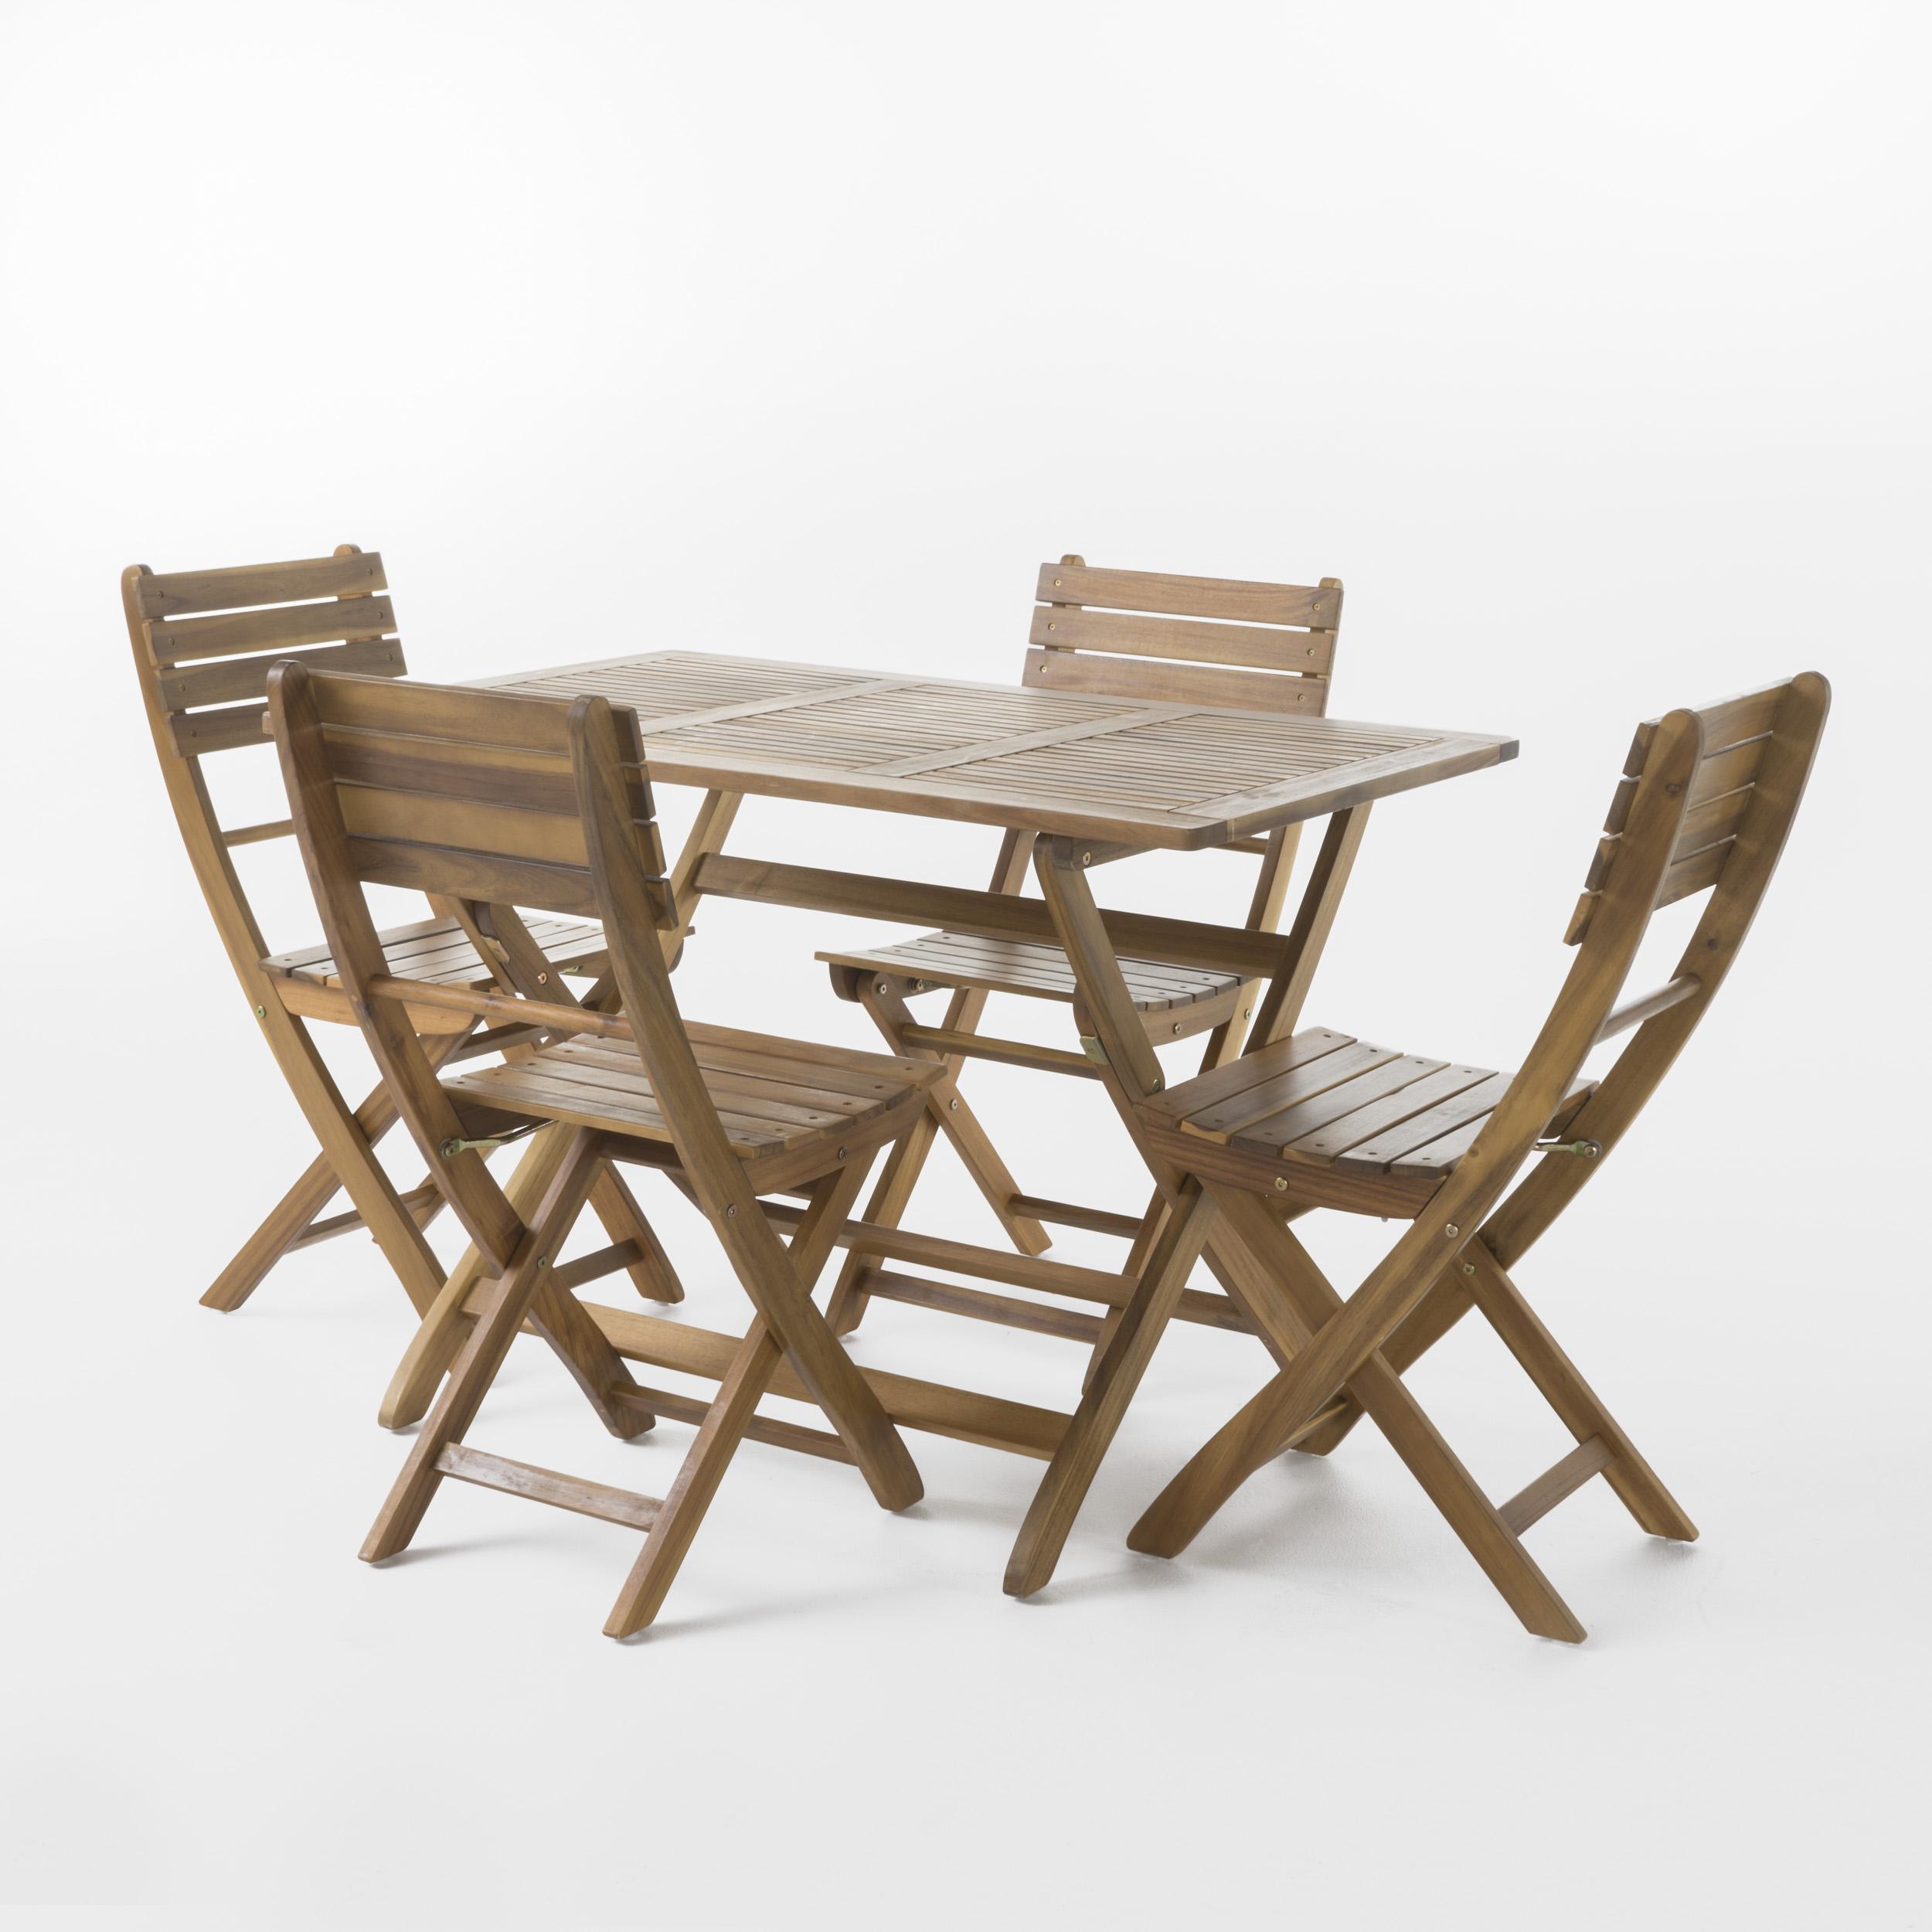 Vicaro Outdoor Acacia Wood Foldable Dining Set, Natural Finish